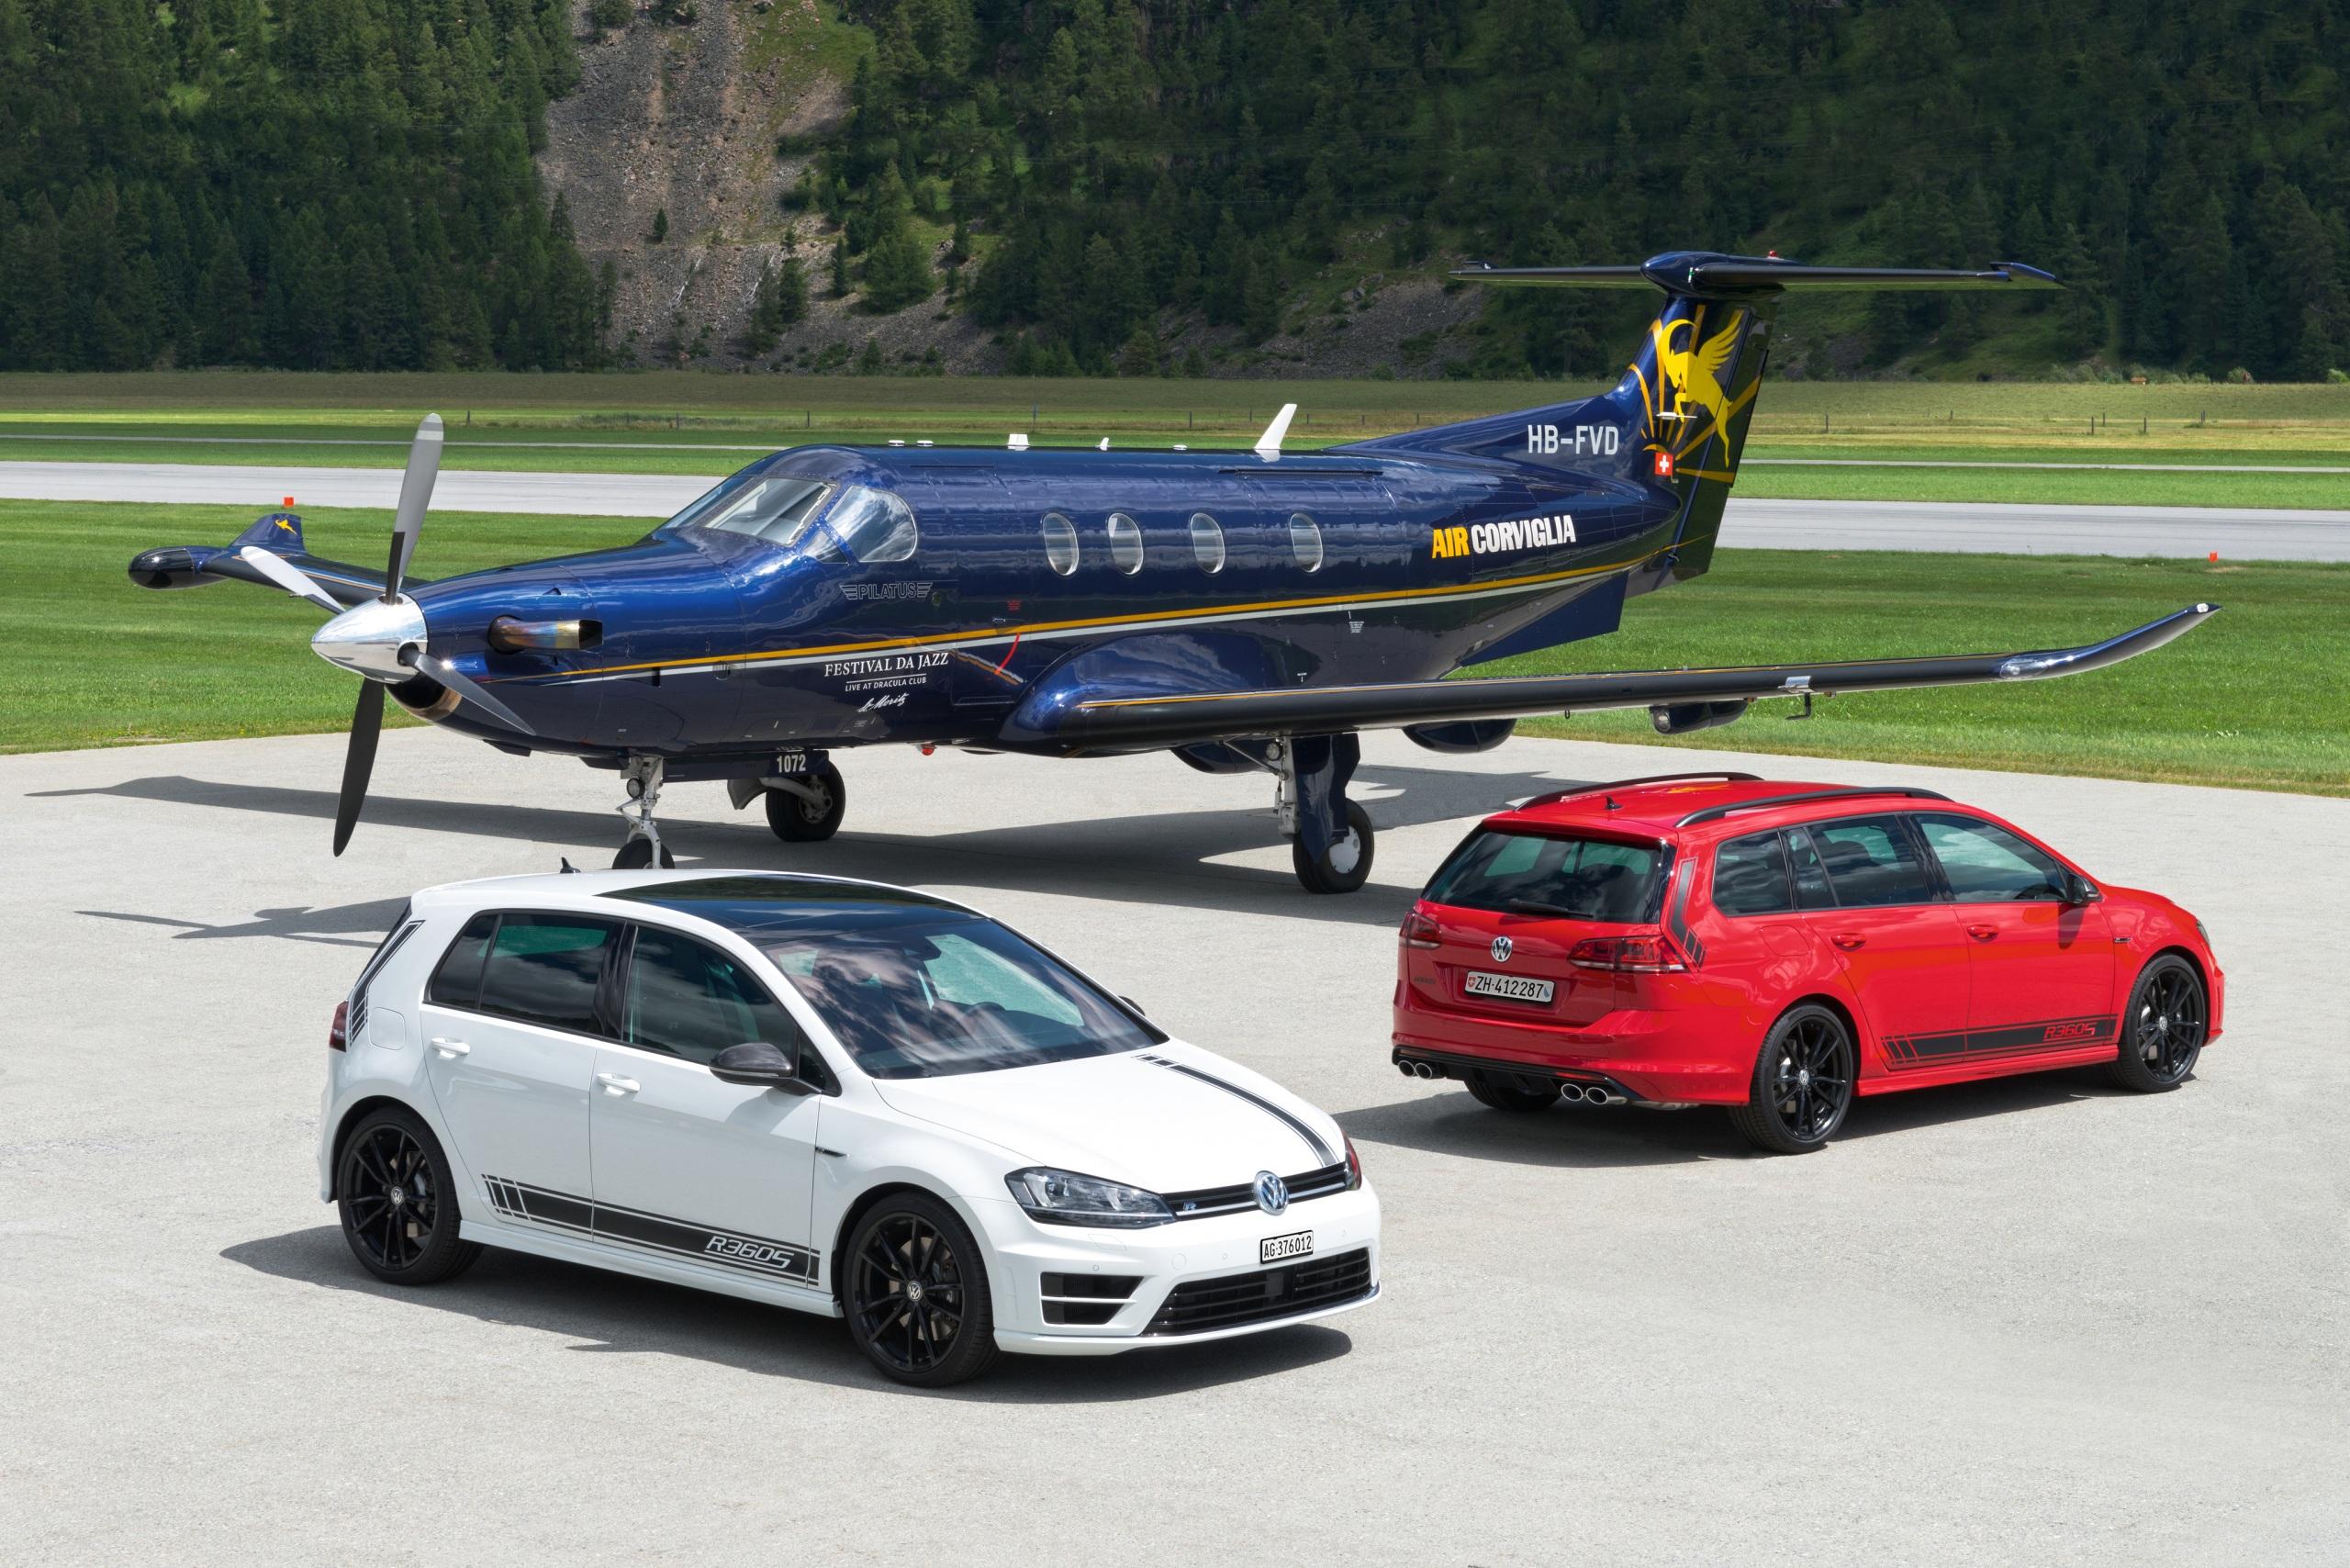 Обои для рабочего стола Volkswagen Самолеты 2012-16 Golf две машины Металлик Авиация 2560x1708 Фольксваген 2 два Двое вдвоем авто машина автомобиль Автомобили